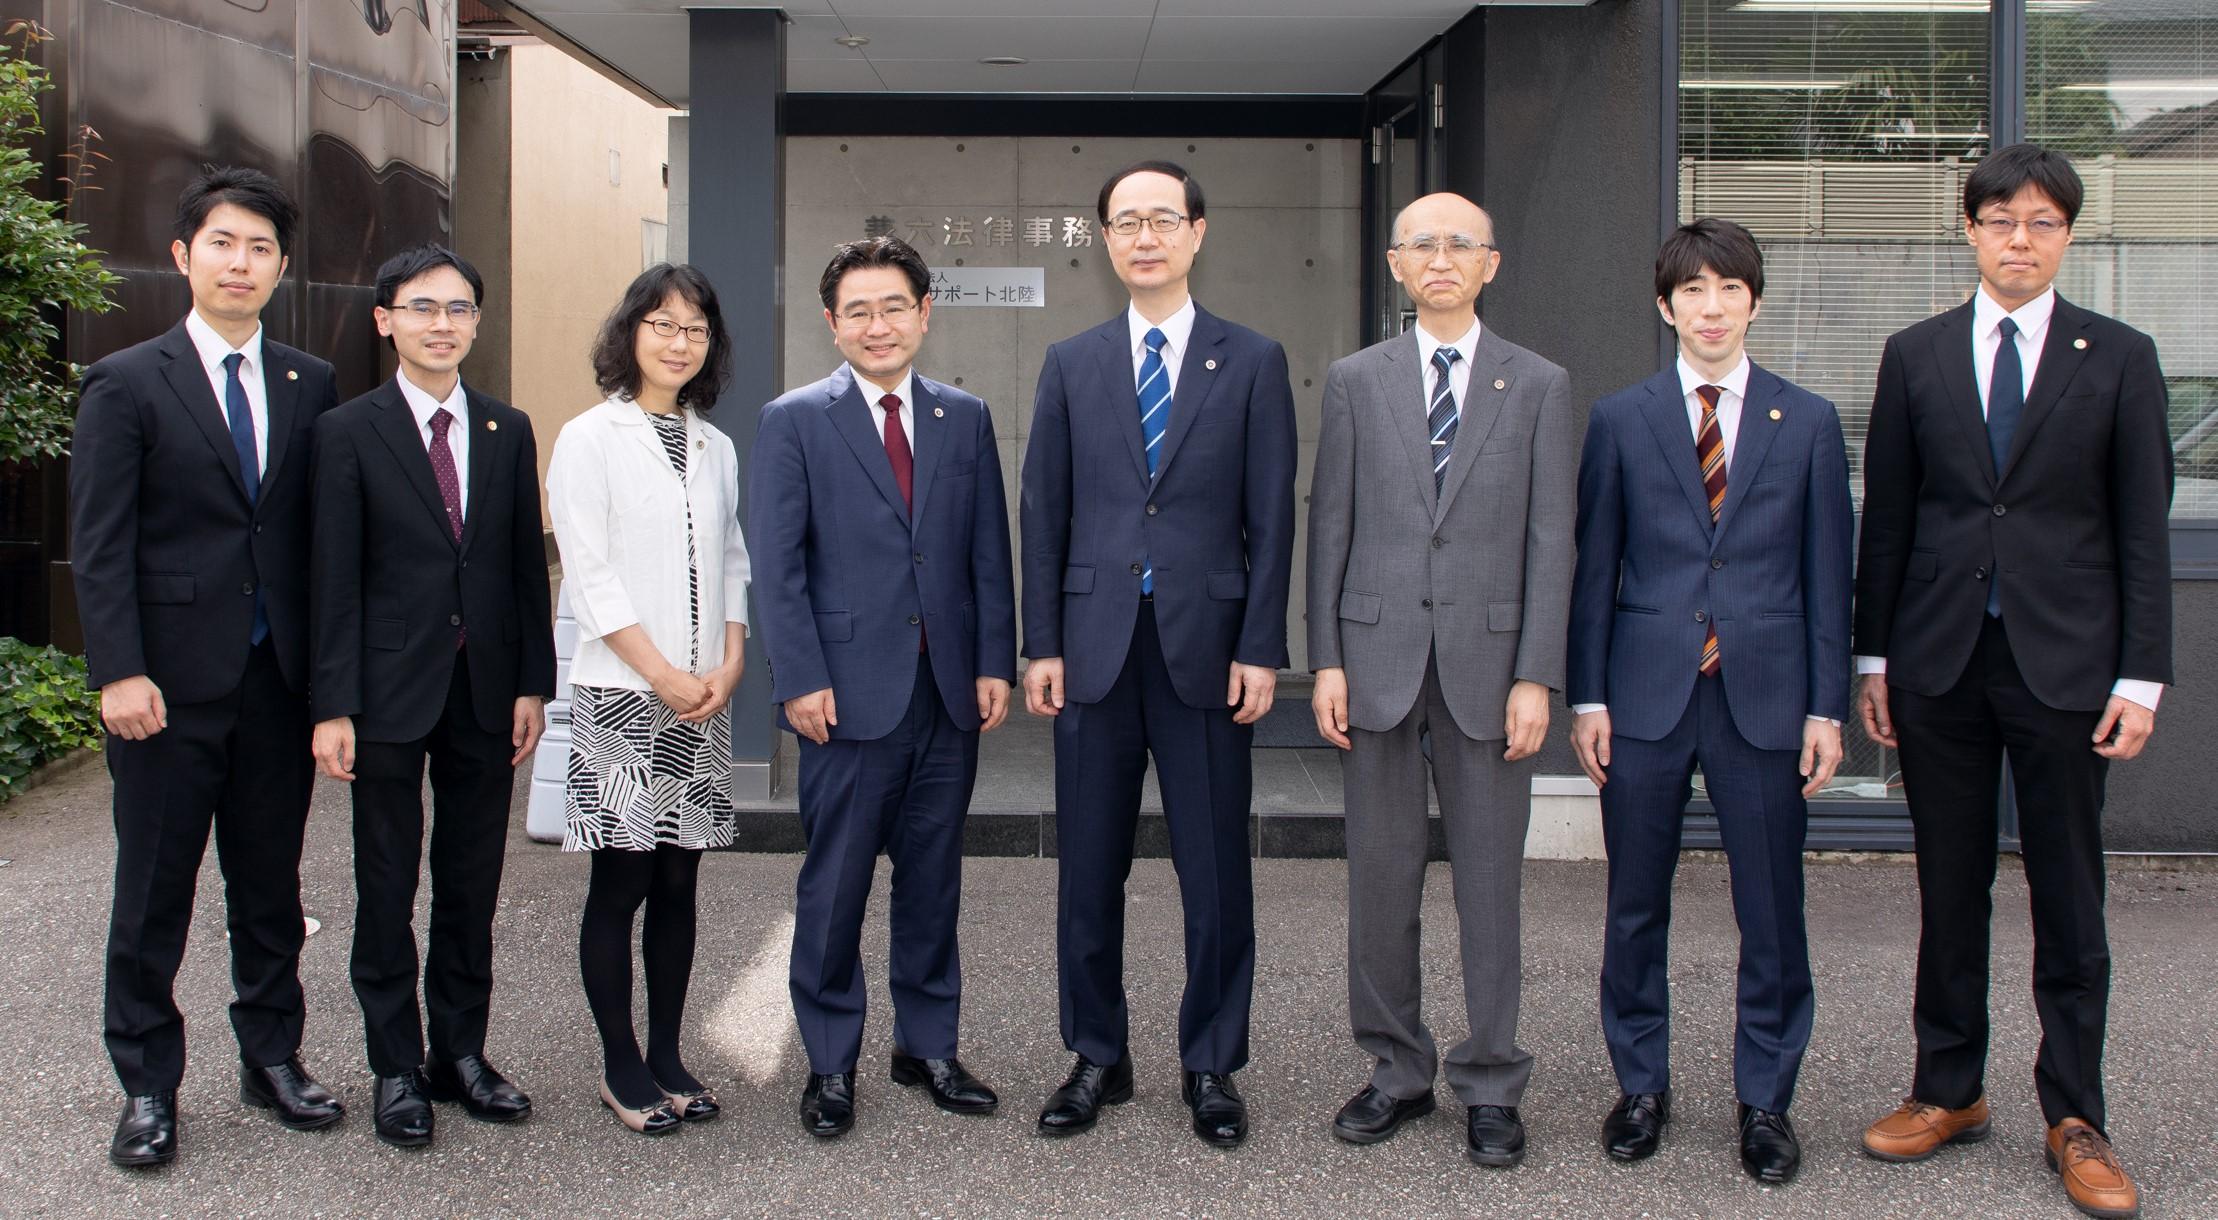 法律相談なら石川県金沢市の弁護士法人「兼六法律事務所」(金沢弁護士会所属)